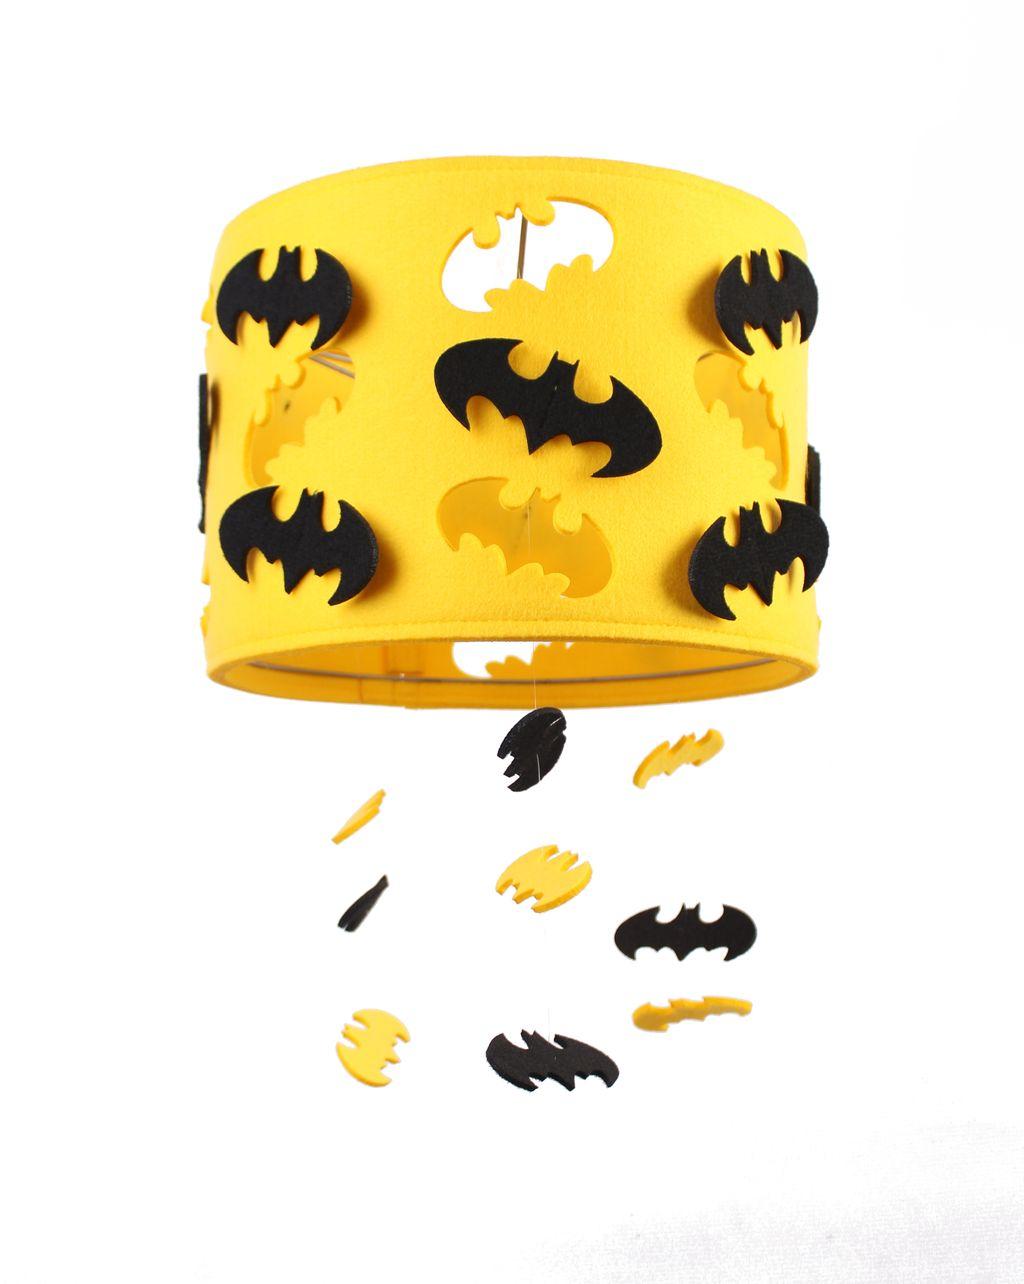 Светильник из фетра желтого цвета BATMAN с черными батманами